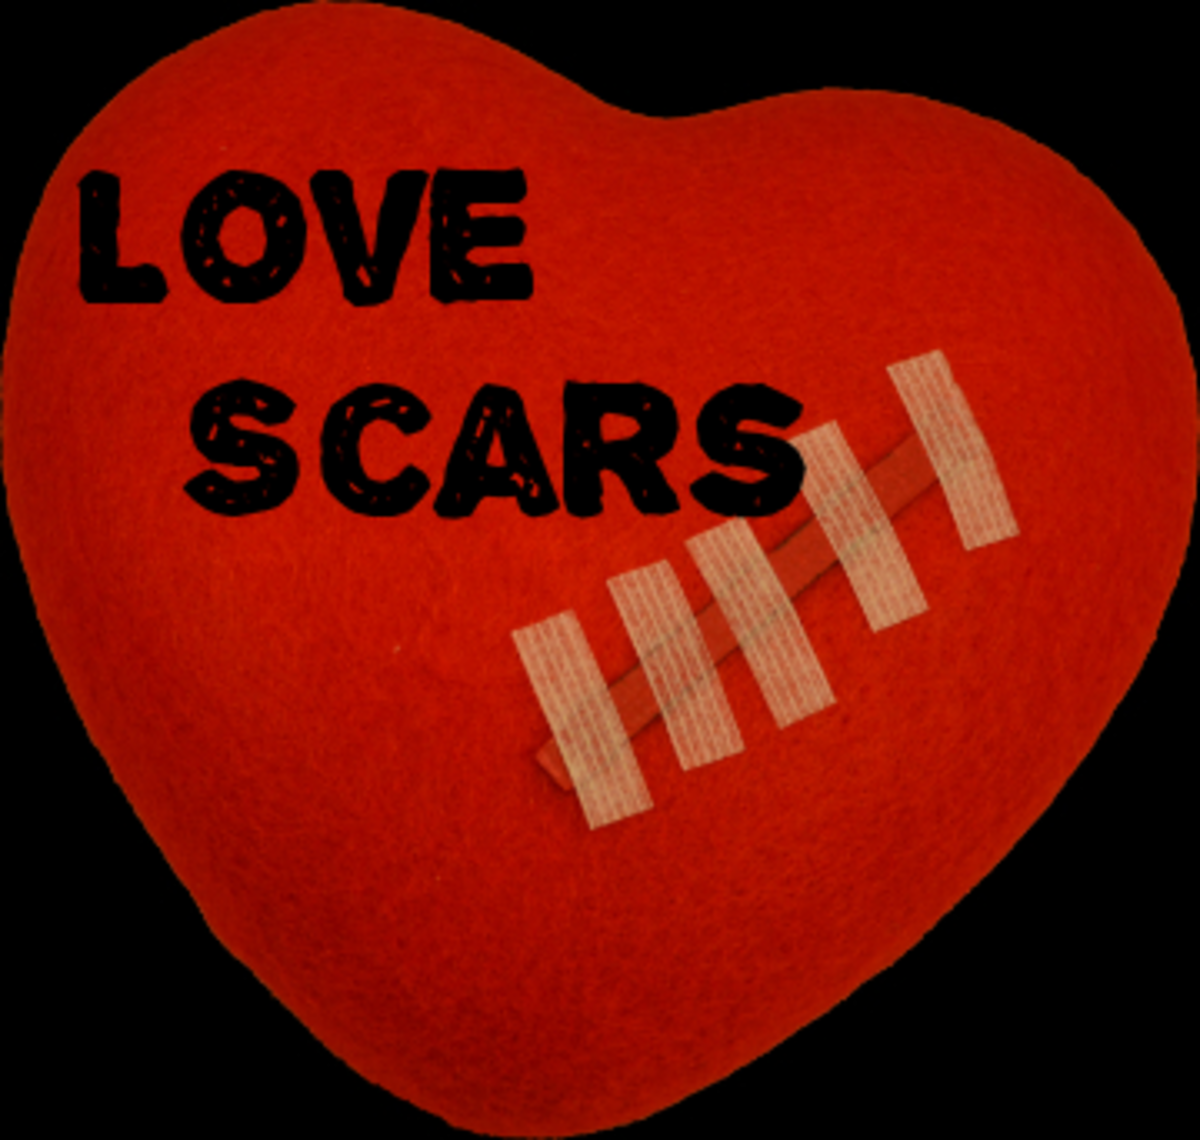 poem-love-scars